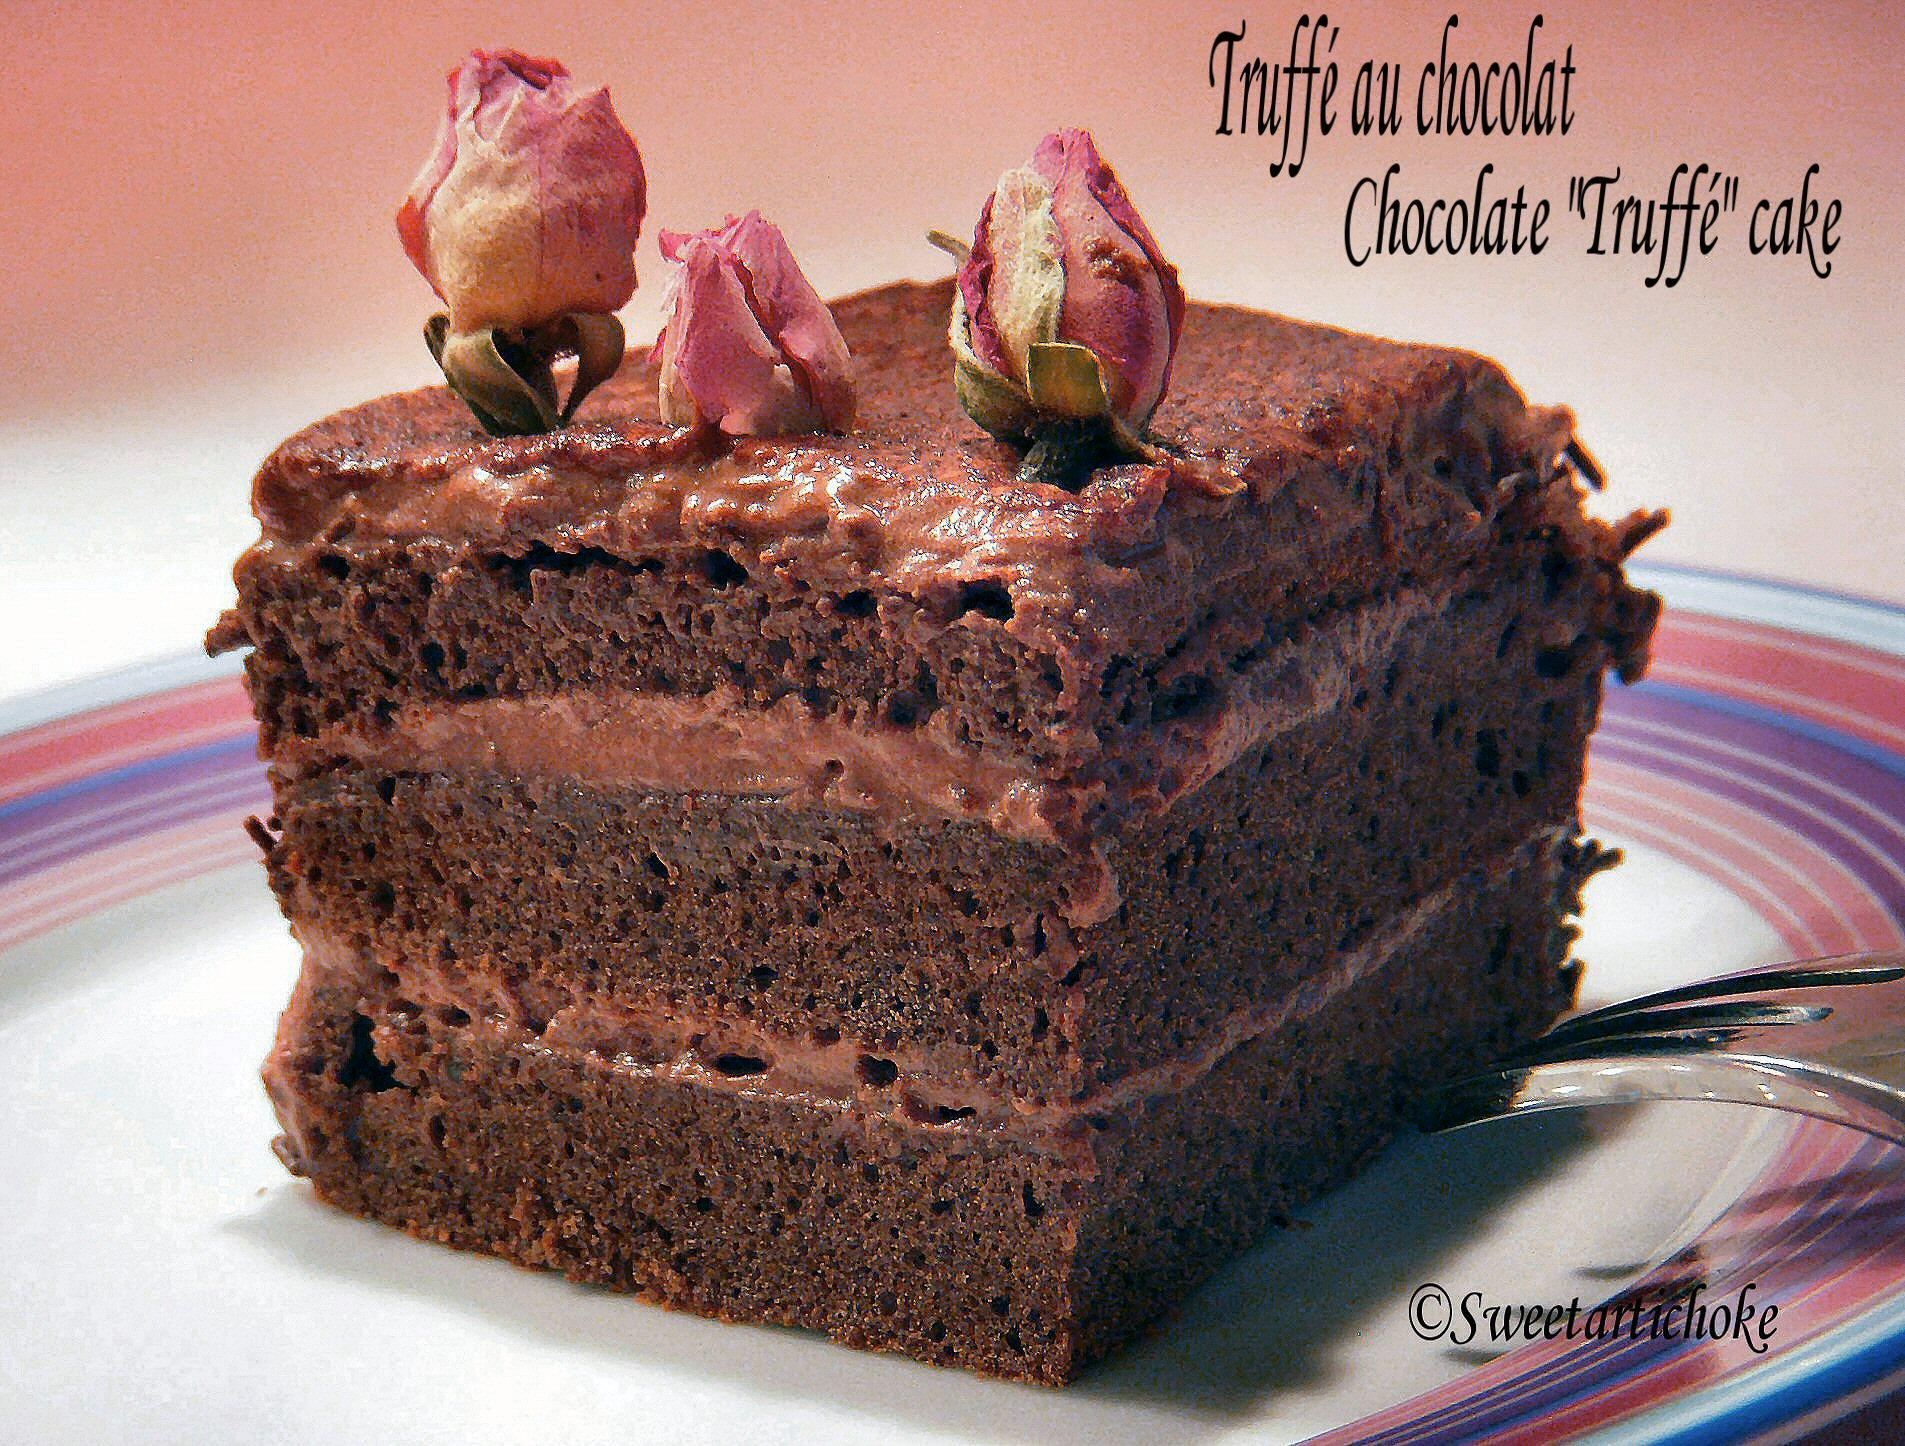 Gateau au chocolat a se damner